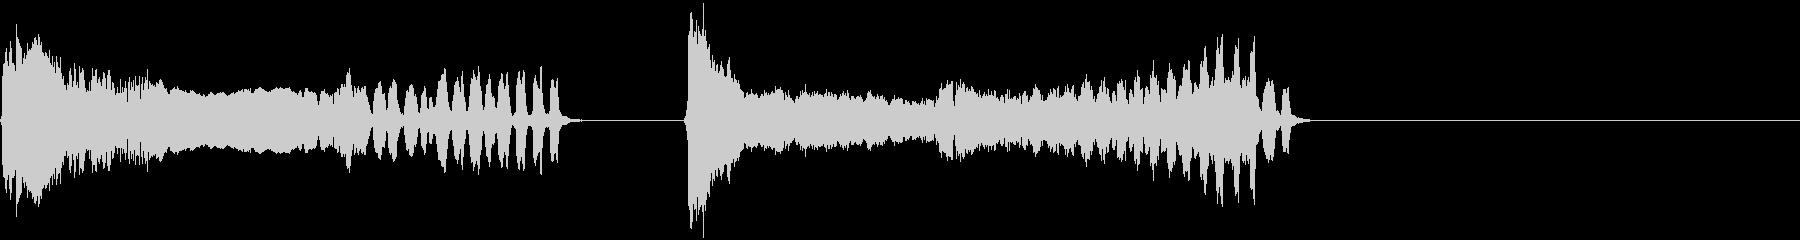 トンビの鳴き声(ピーヒョロロ)の未再生の波形